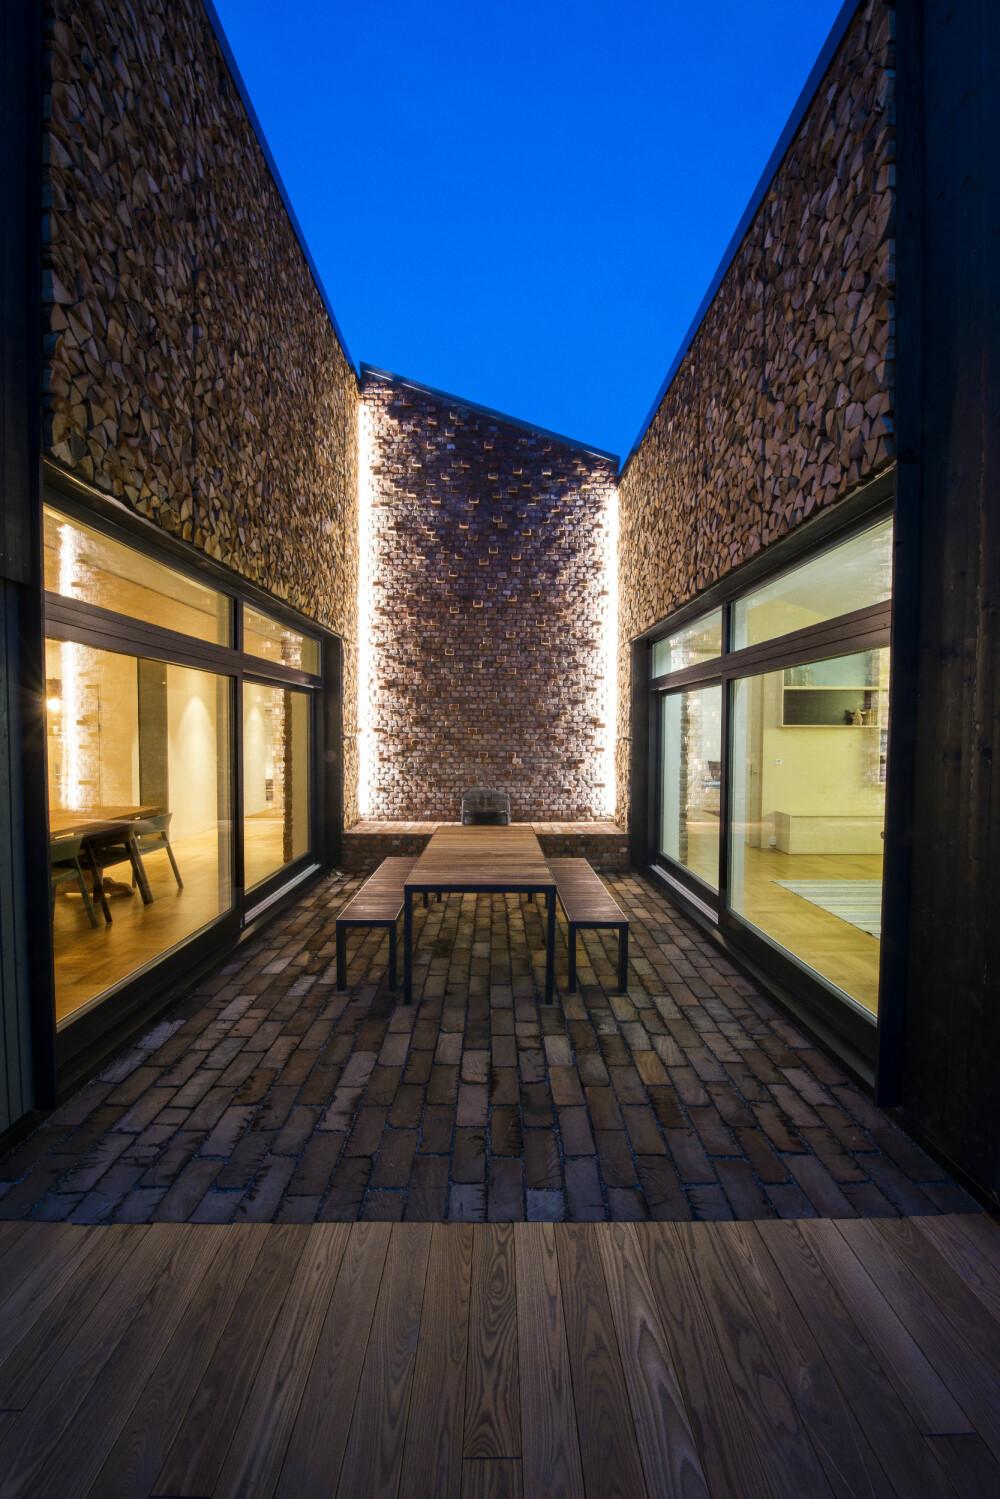 STEMNING: Selv om det er et moderne, og på mange måter strømlinjeformet hus, er det lagt vekt på stemningsskapende effekter. Murstenene i endeveggen i atriet kommer fra et gammelt fjøs. I de andre veggene er det lagt vedskier, som også kan brukes til å fyre med i utepeisen innerst i rommet.